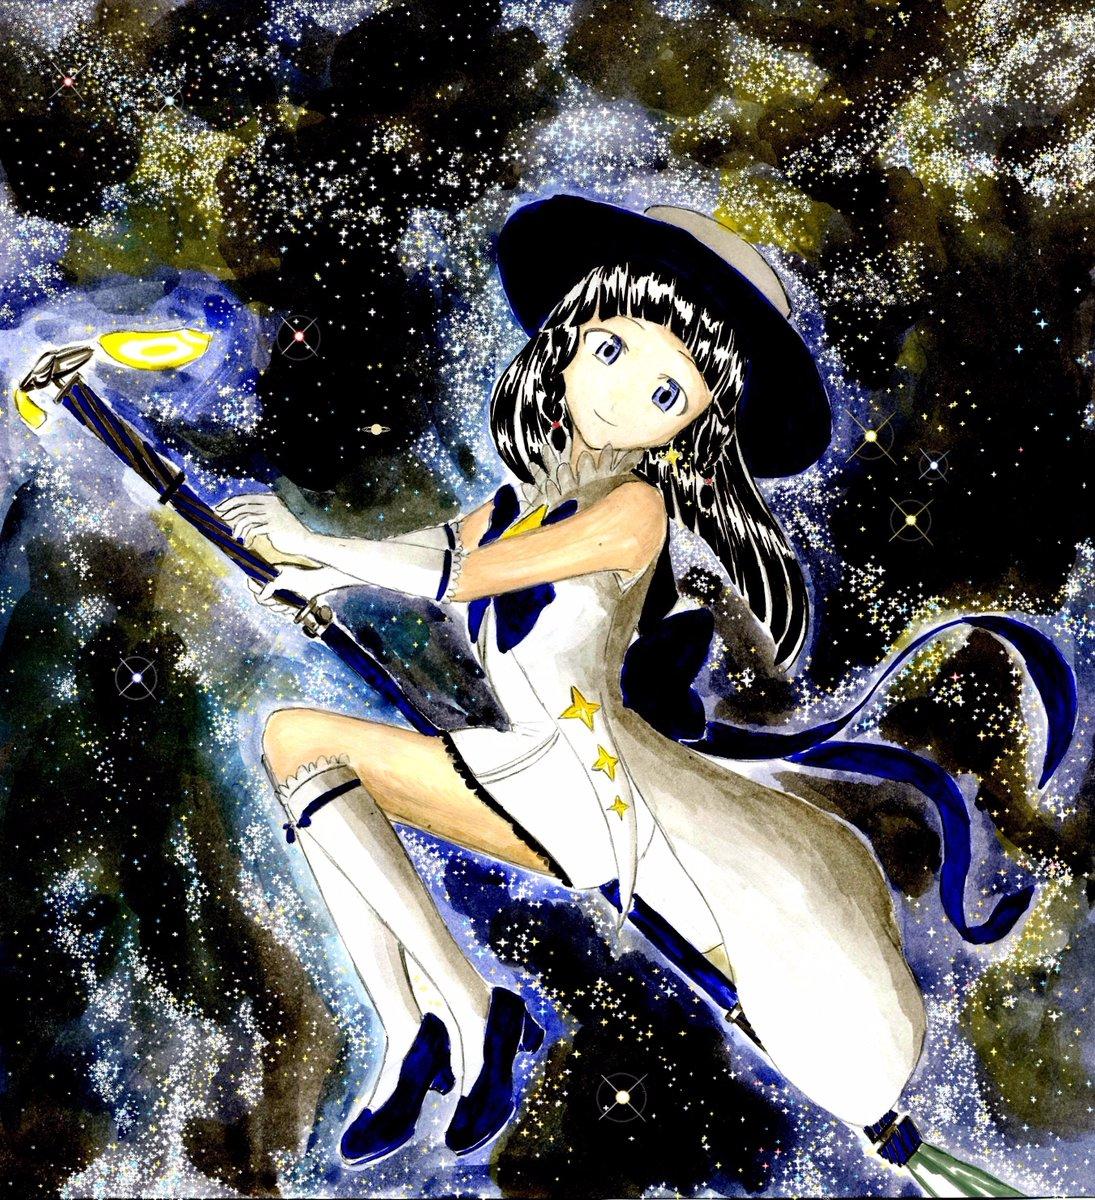 星を加えました。沢山のリツイート、いいねありがとうございます!!土星がどこかにあります。探してね。#プレアデス#いつき生